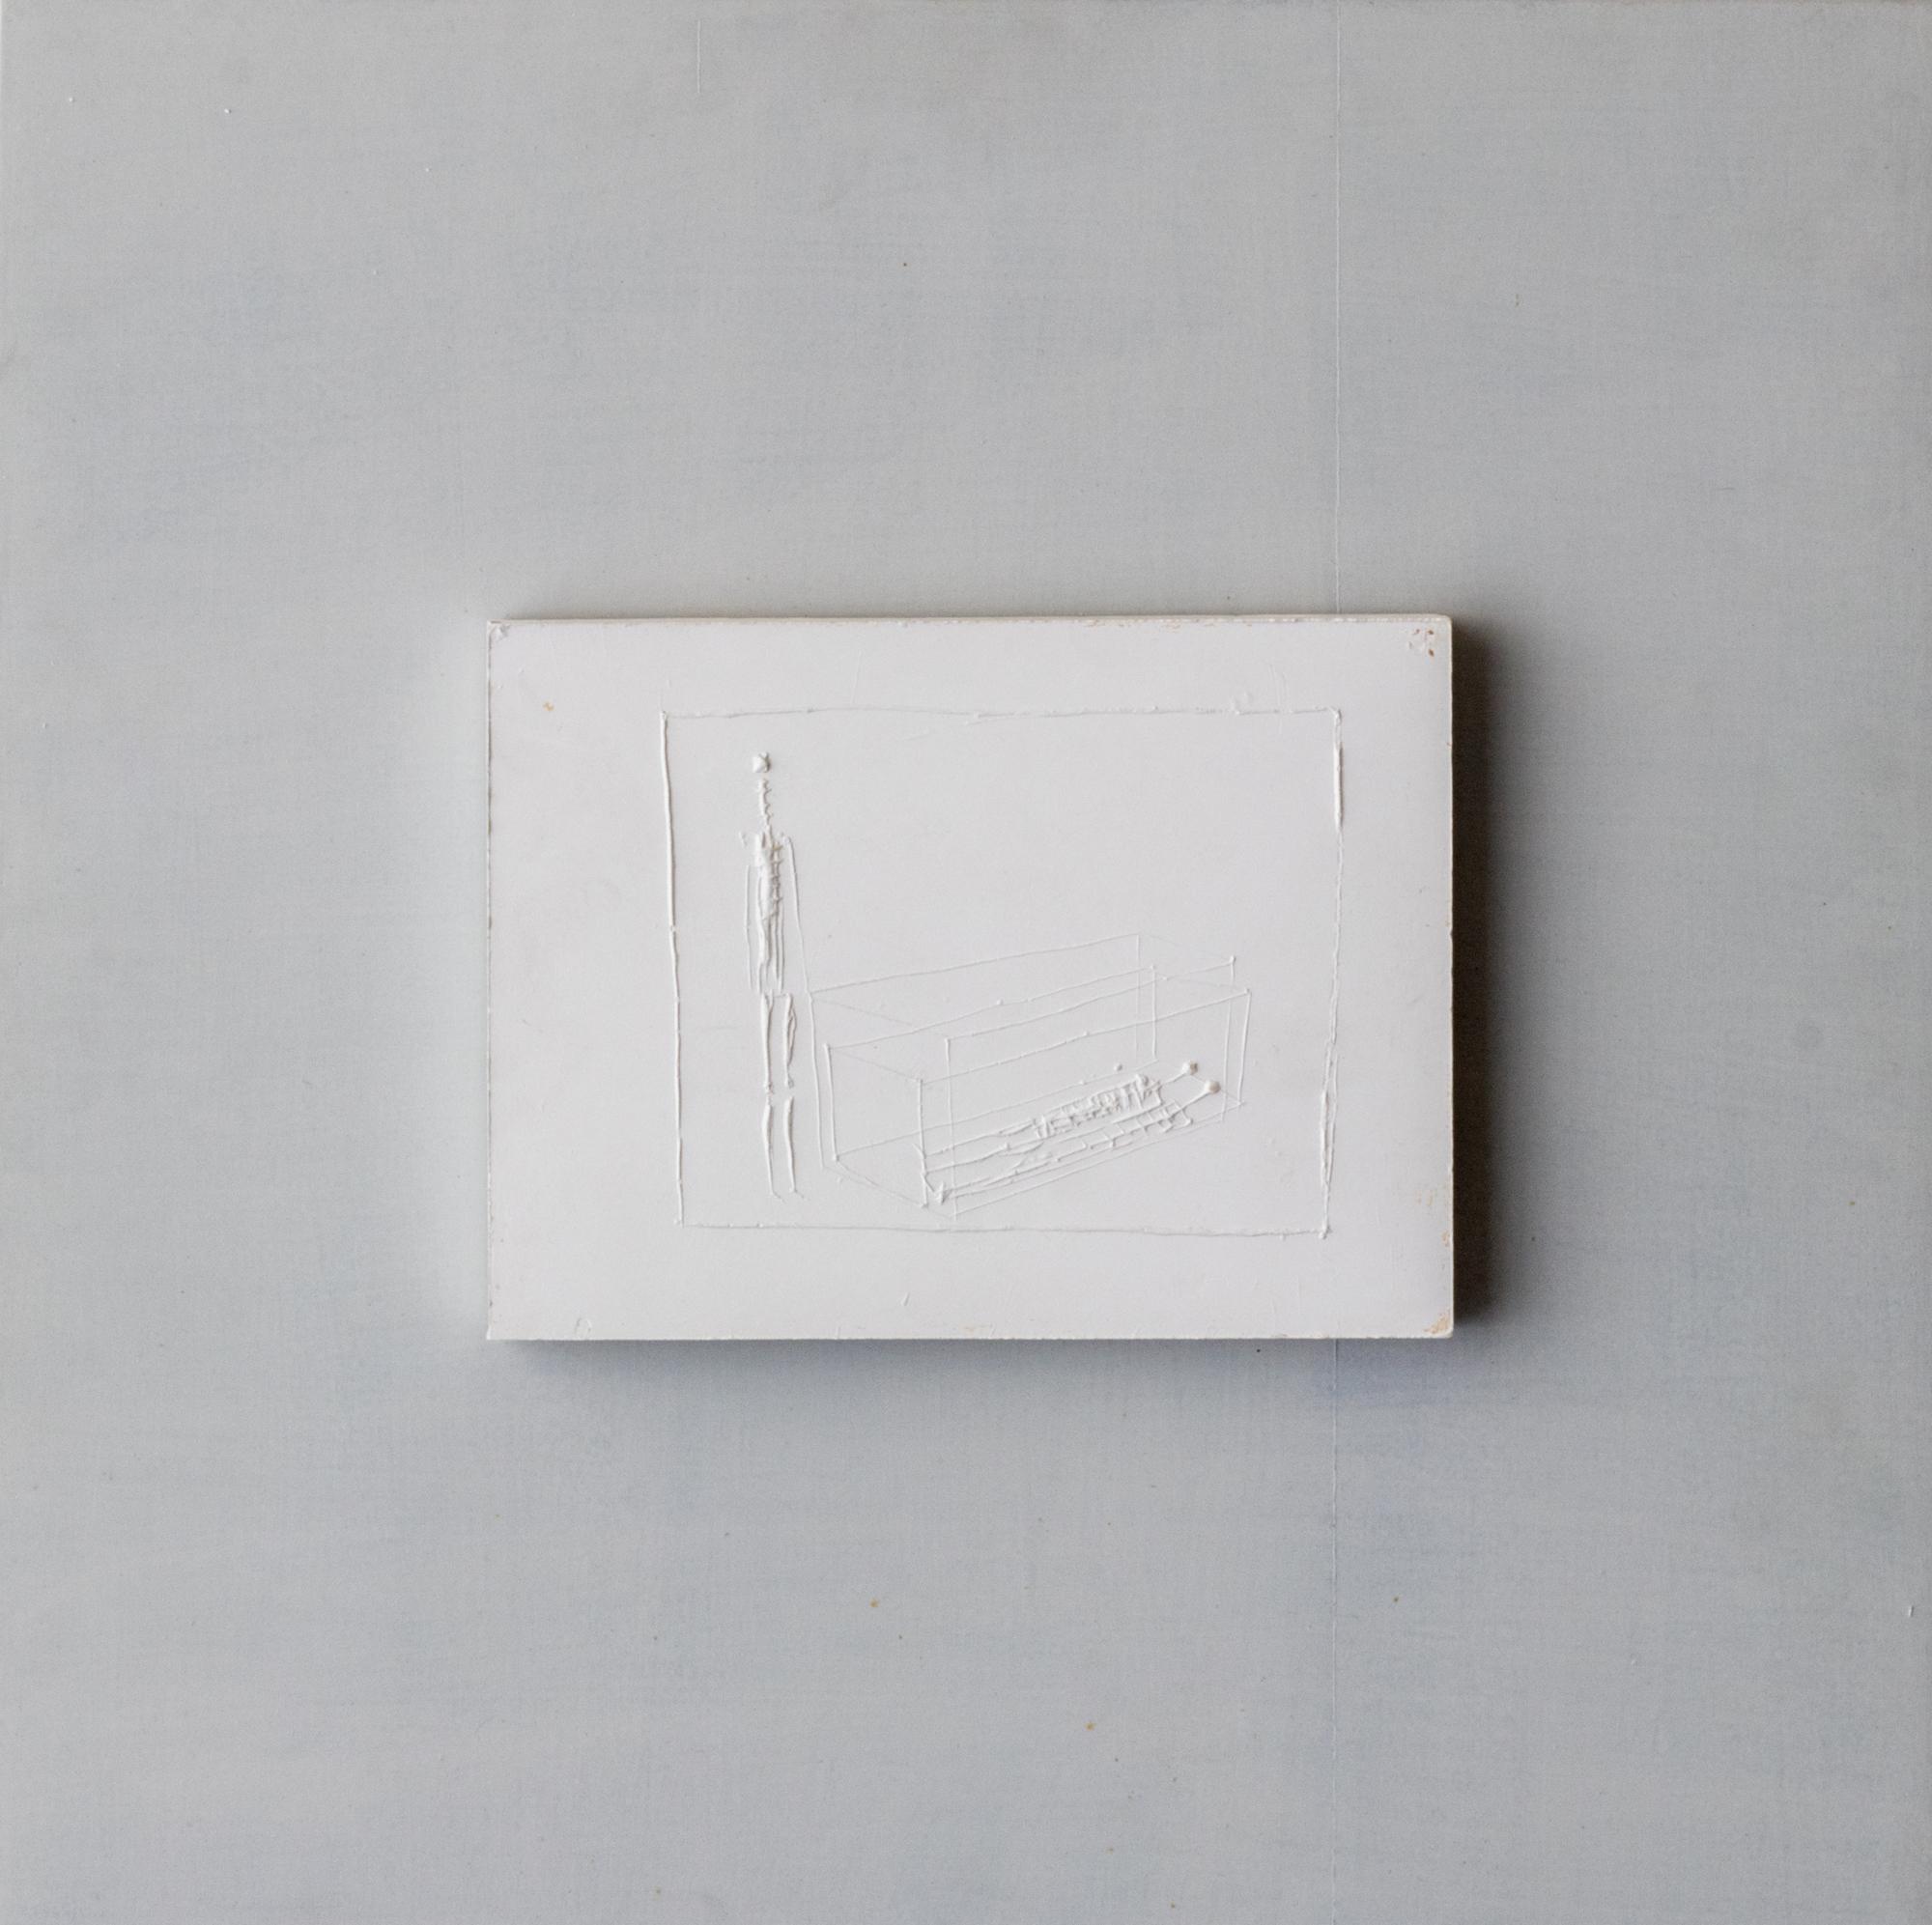 Demartini_Galerie_Zavodny_2.jpg